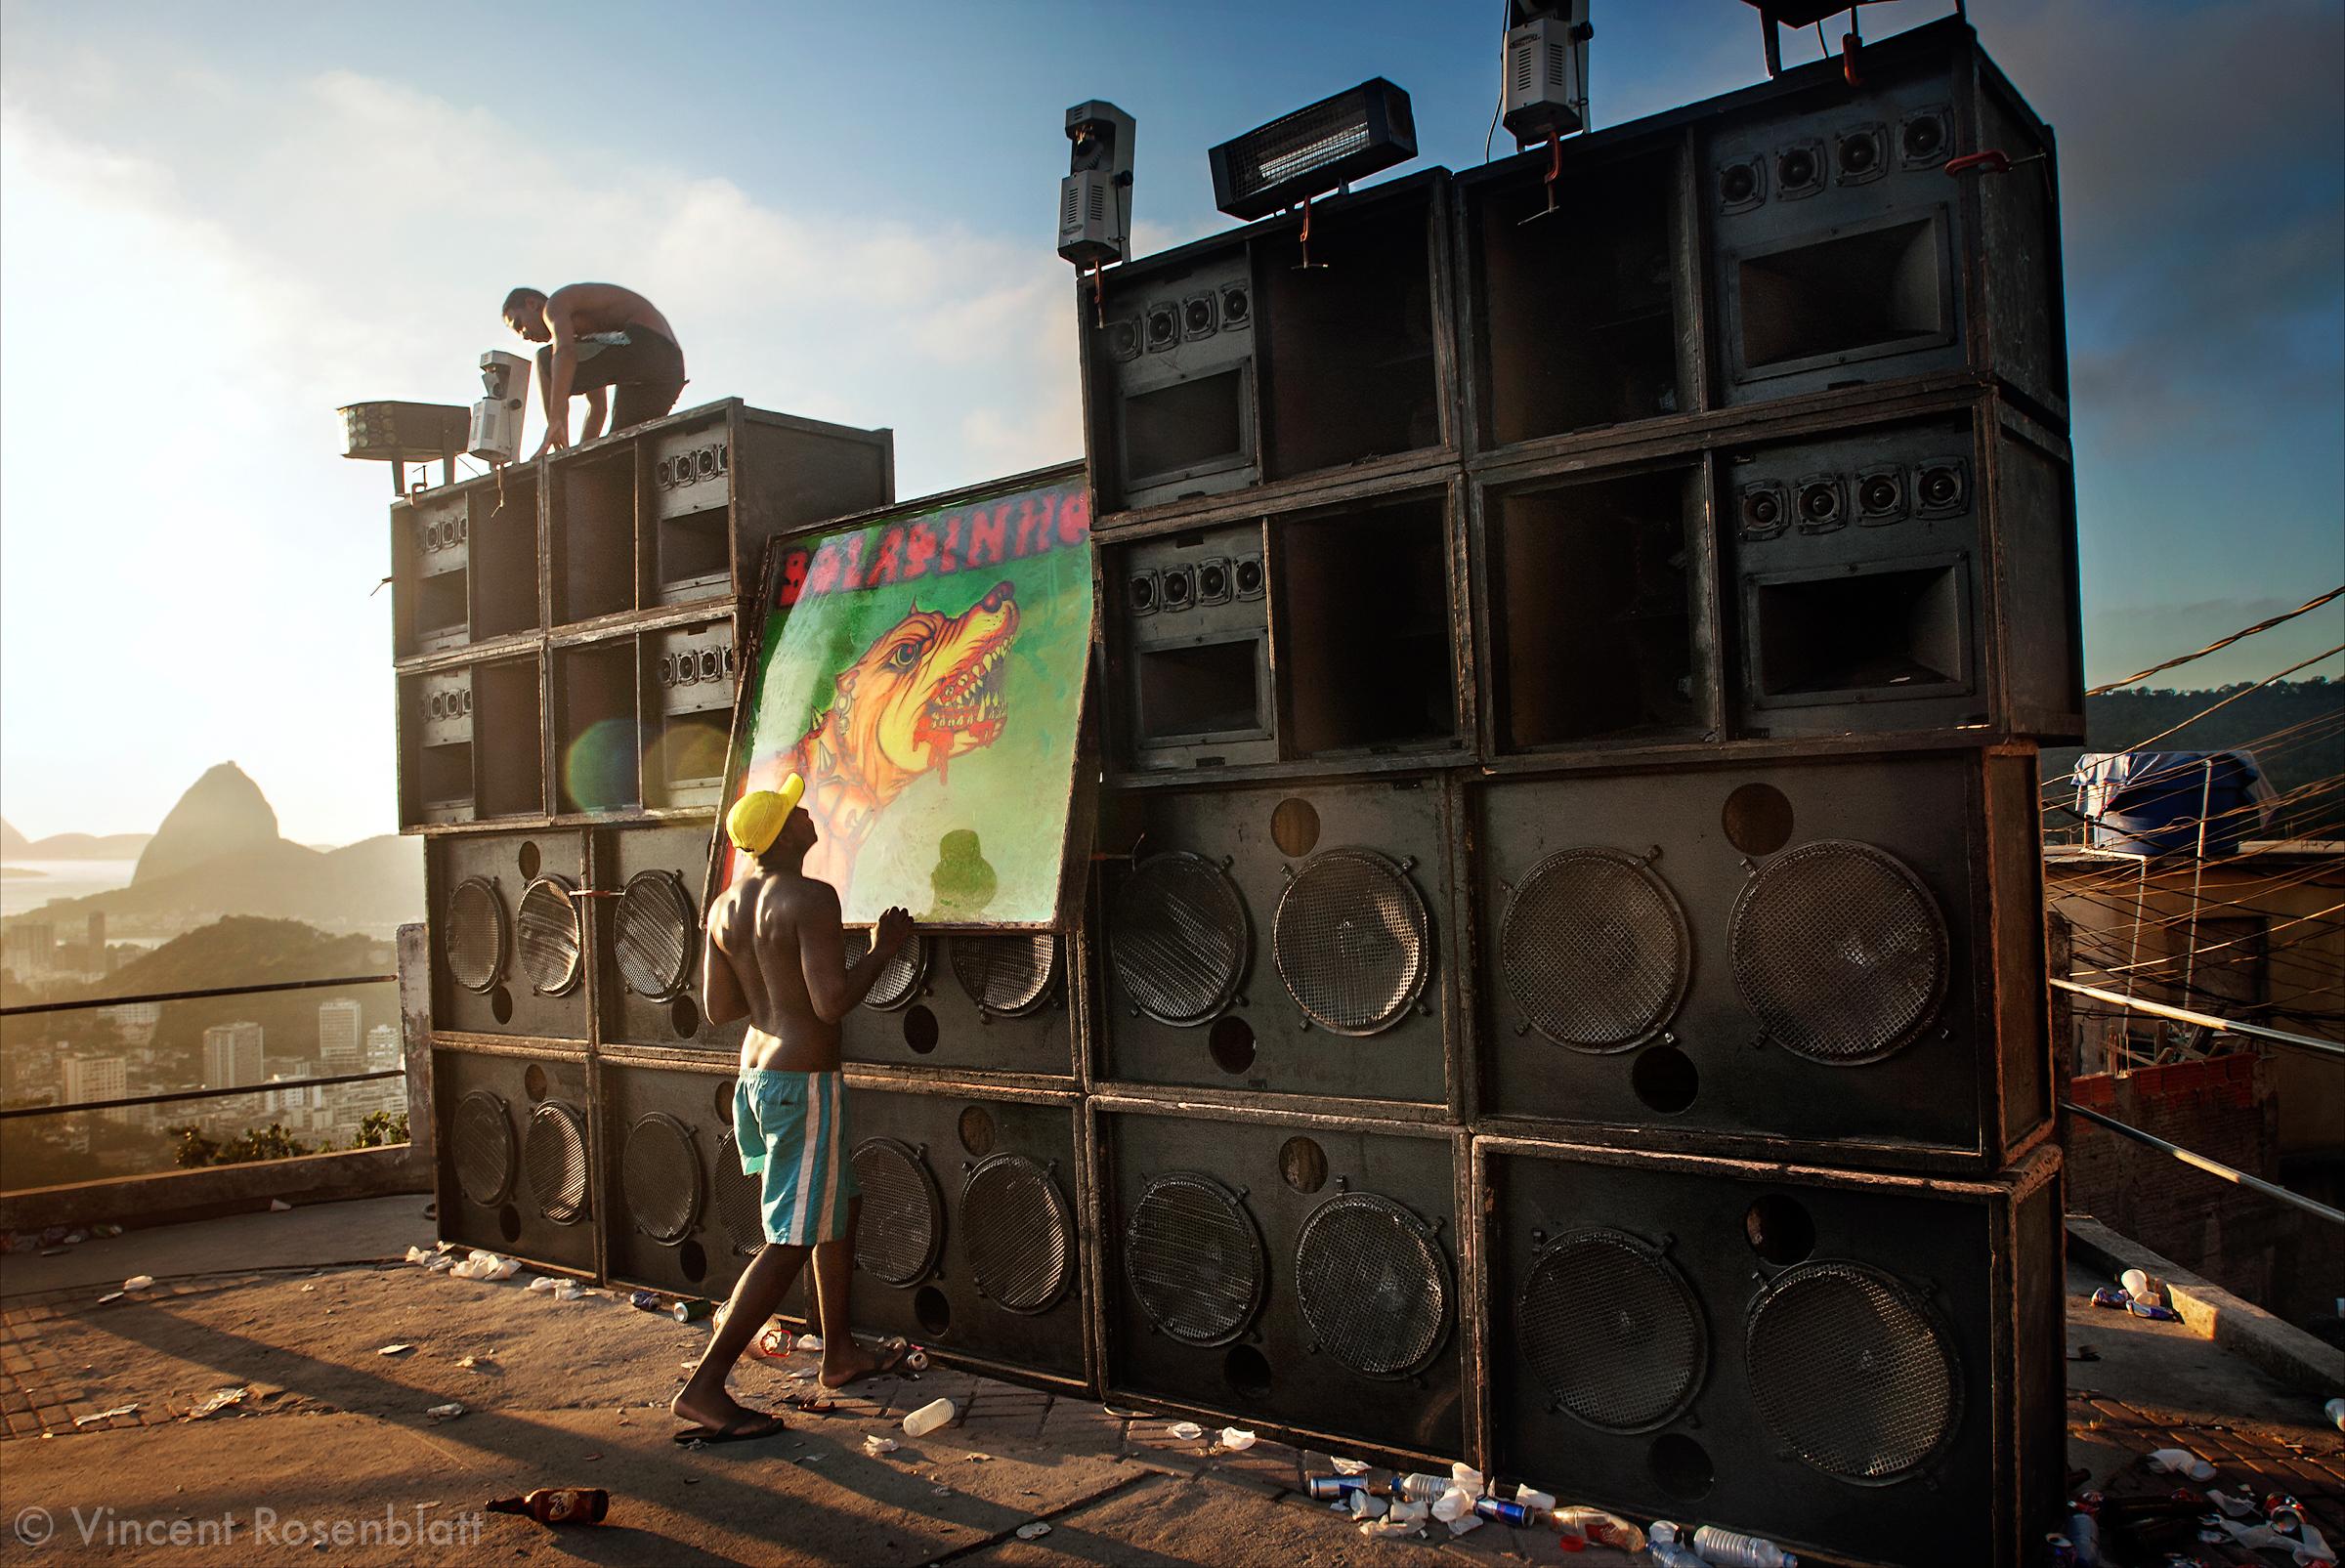 """7AM. Dismounting the soudsystem Pitbull - Boladinho after the """"baile funk"""" on the top of the favela Morro dos Prazeres. Rio de Janeiro 2007."""